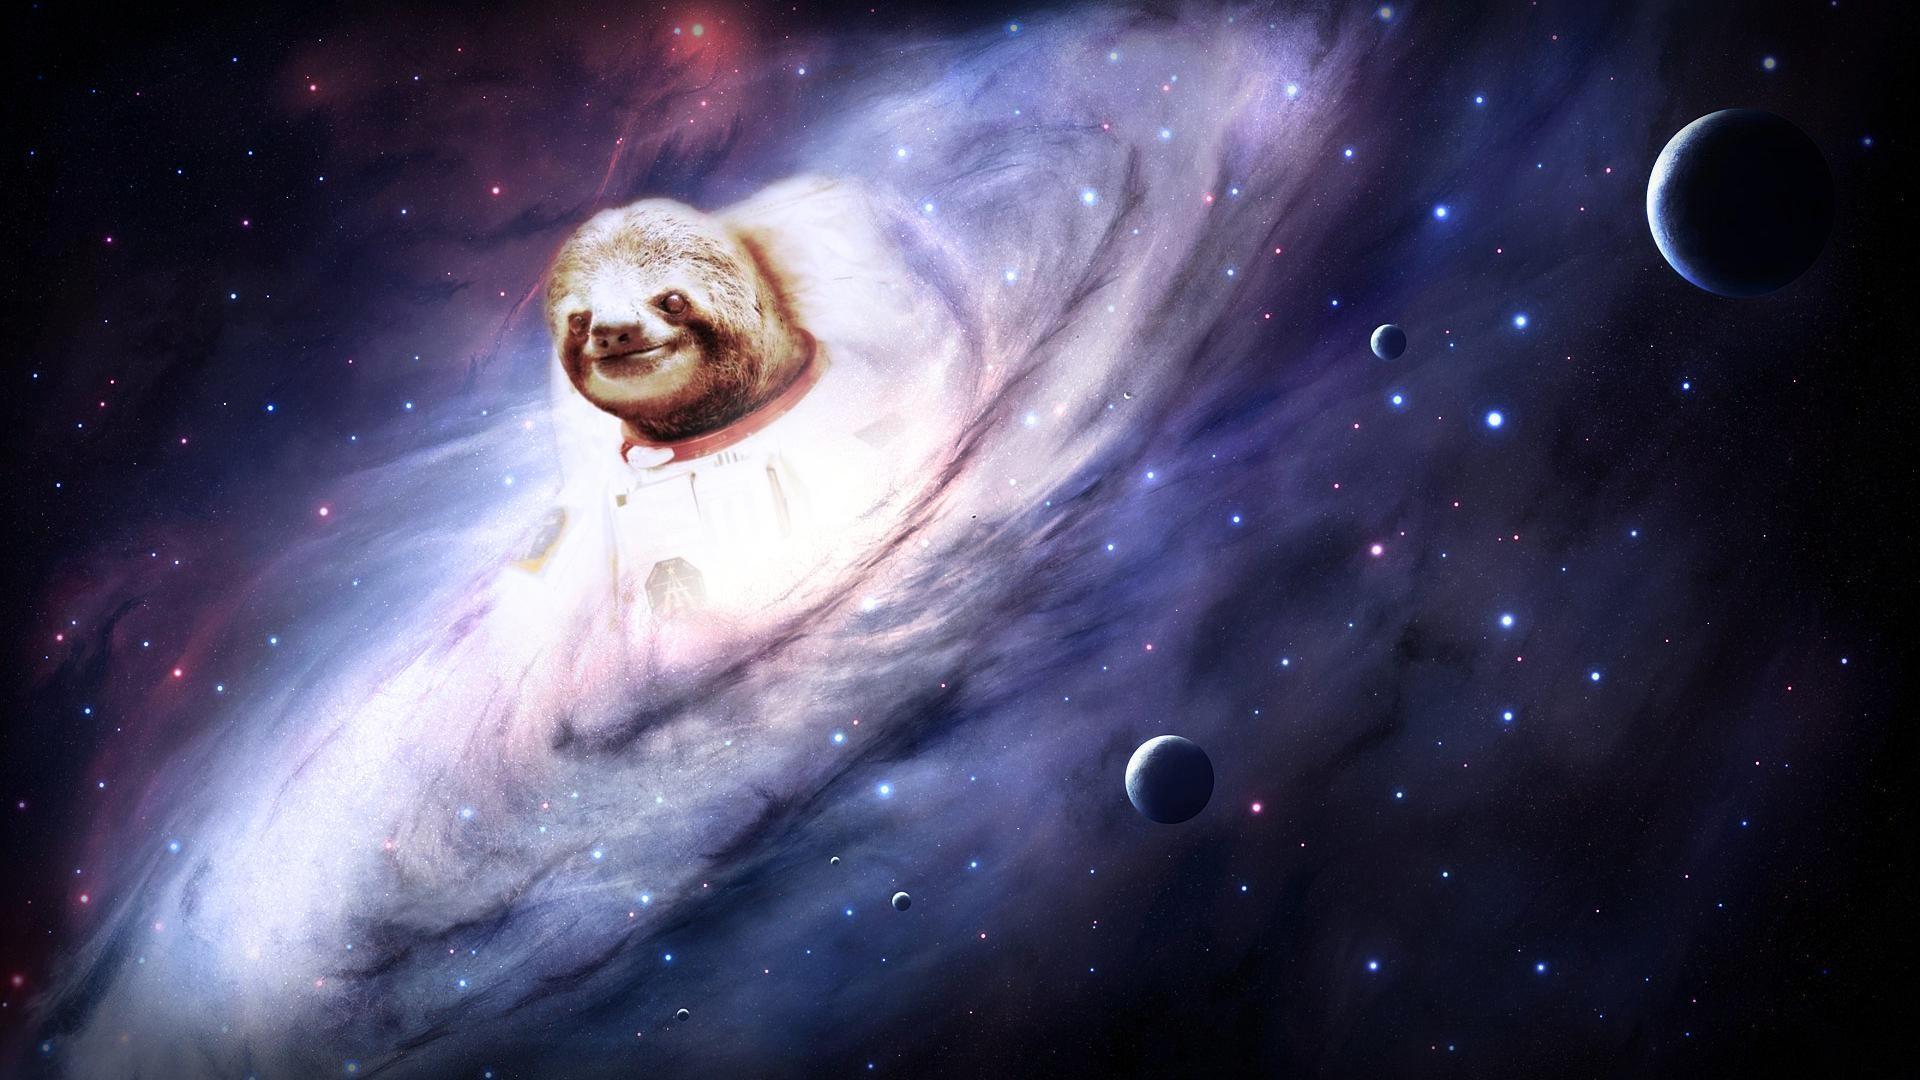 … cute sloth wallpaper wallpapersafari …